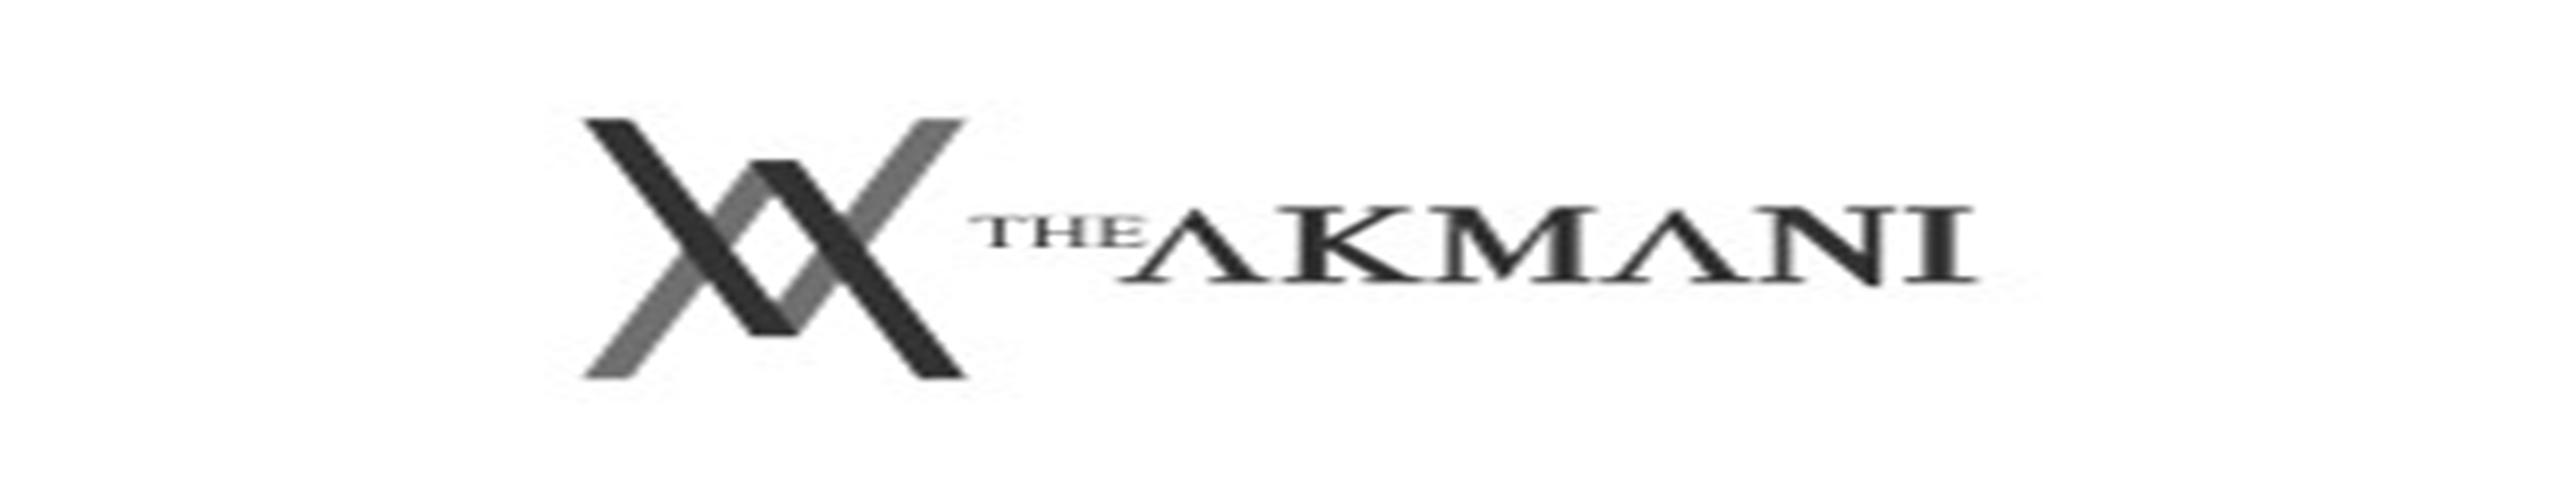 The Akmani Legian